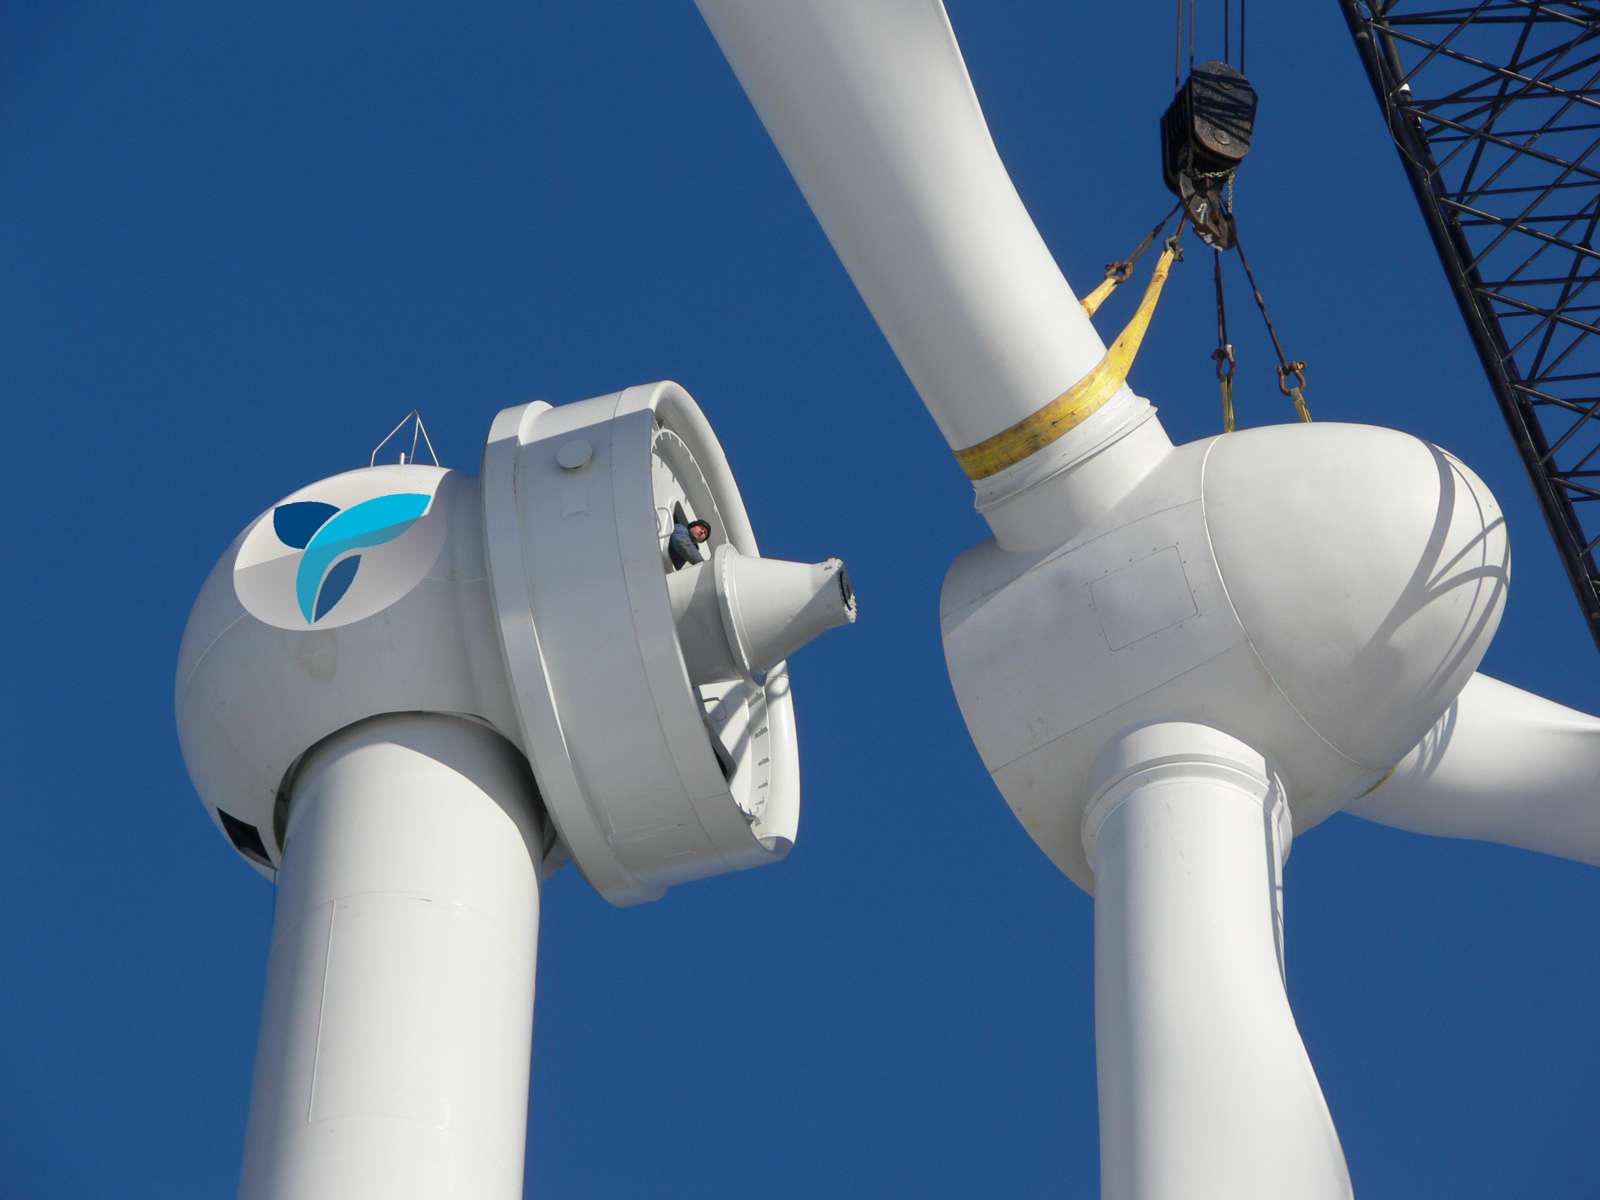 Eólica: arranca en Huéneja el primer parque eólico con aerogeneradores de Eozen